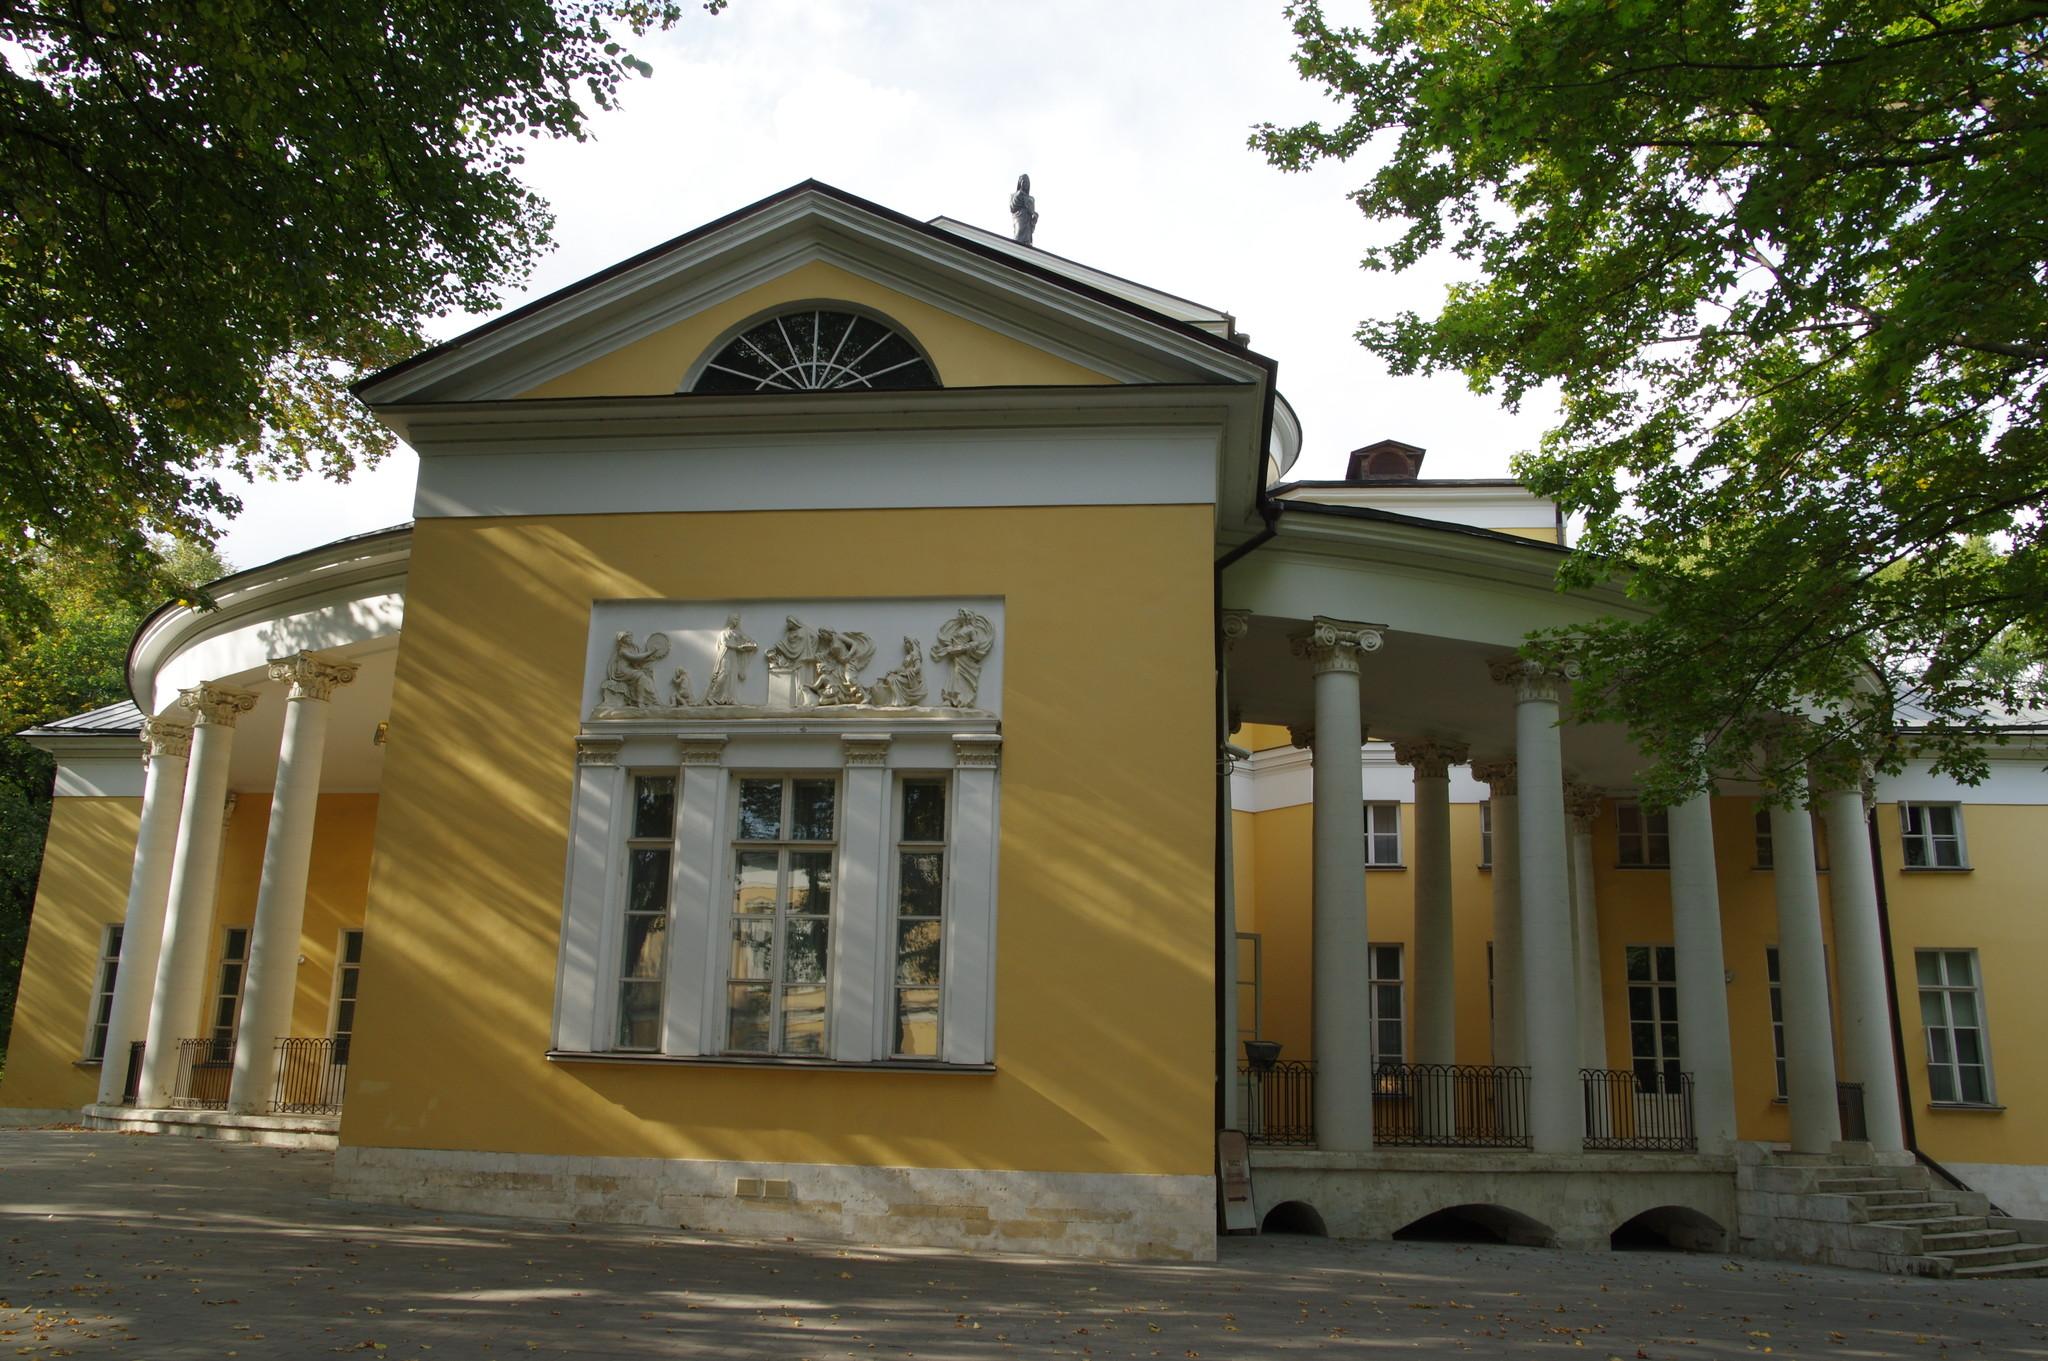 Дворец Н.А. Дурасова в Люблино (улица Летняя, дом 1, строение 1)